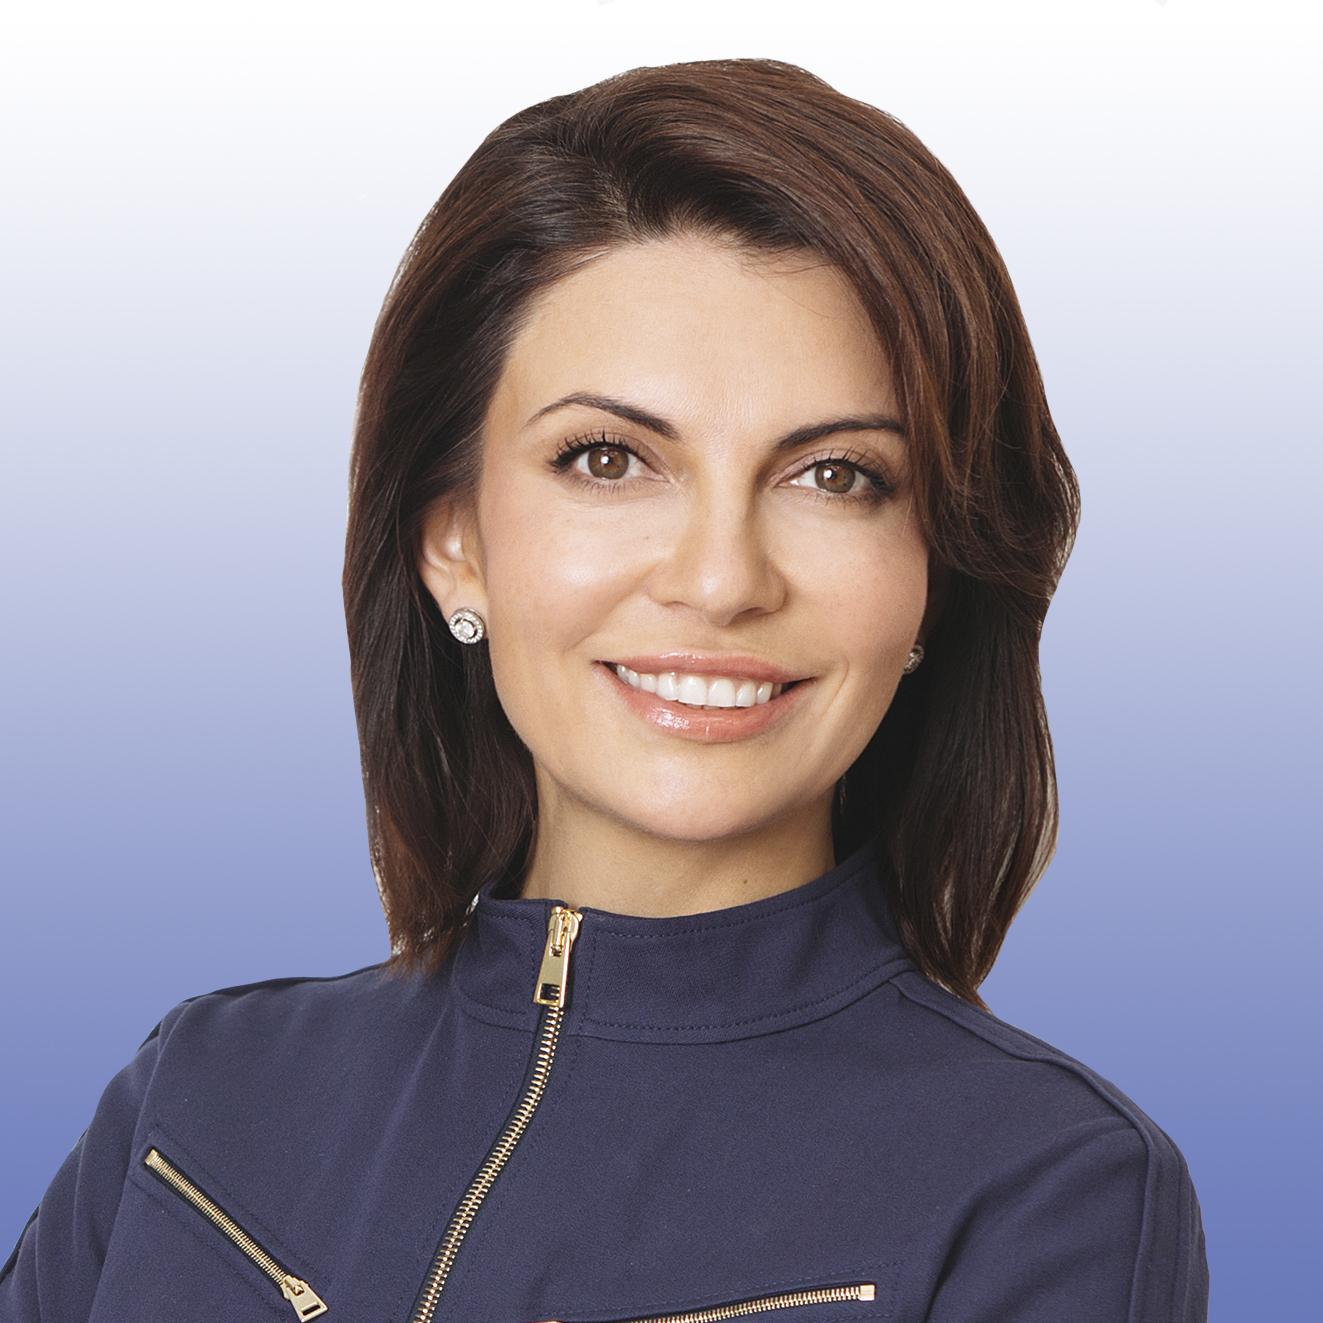 Донцова Альбина Салаватовна